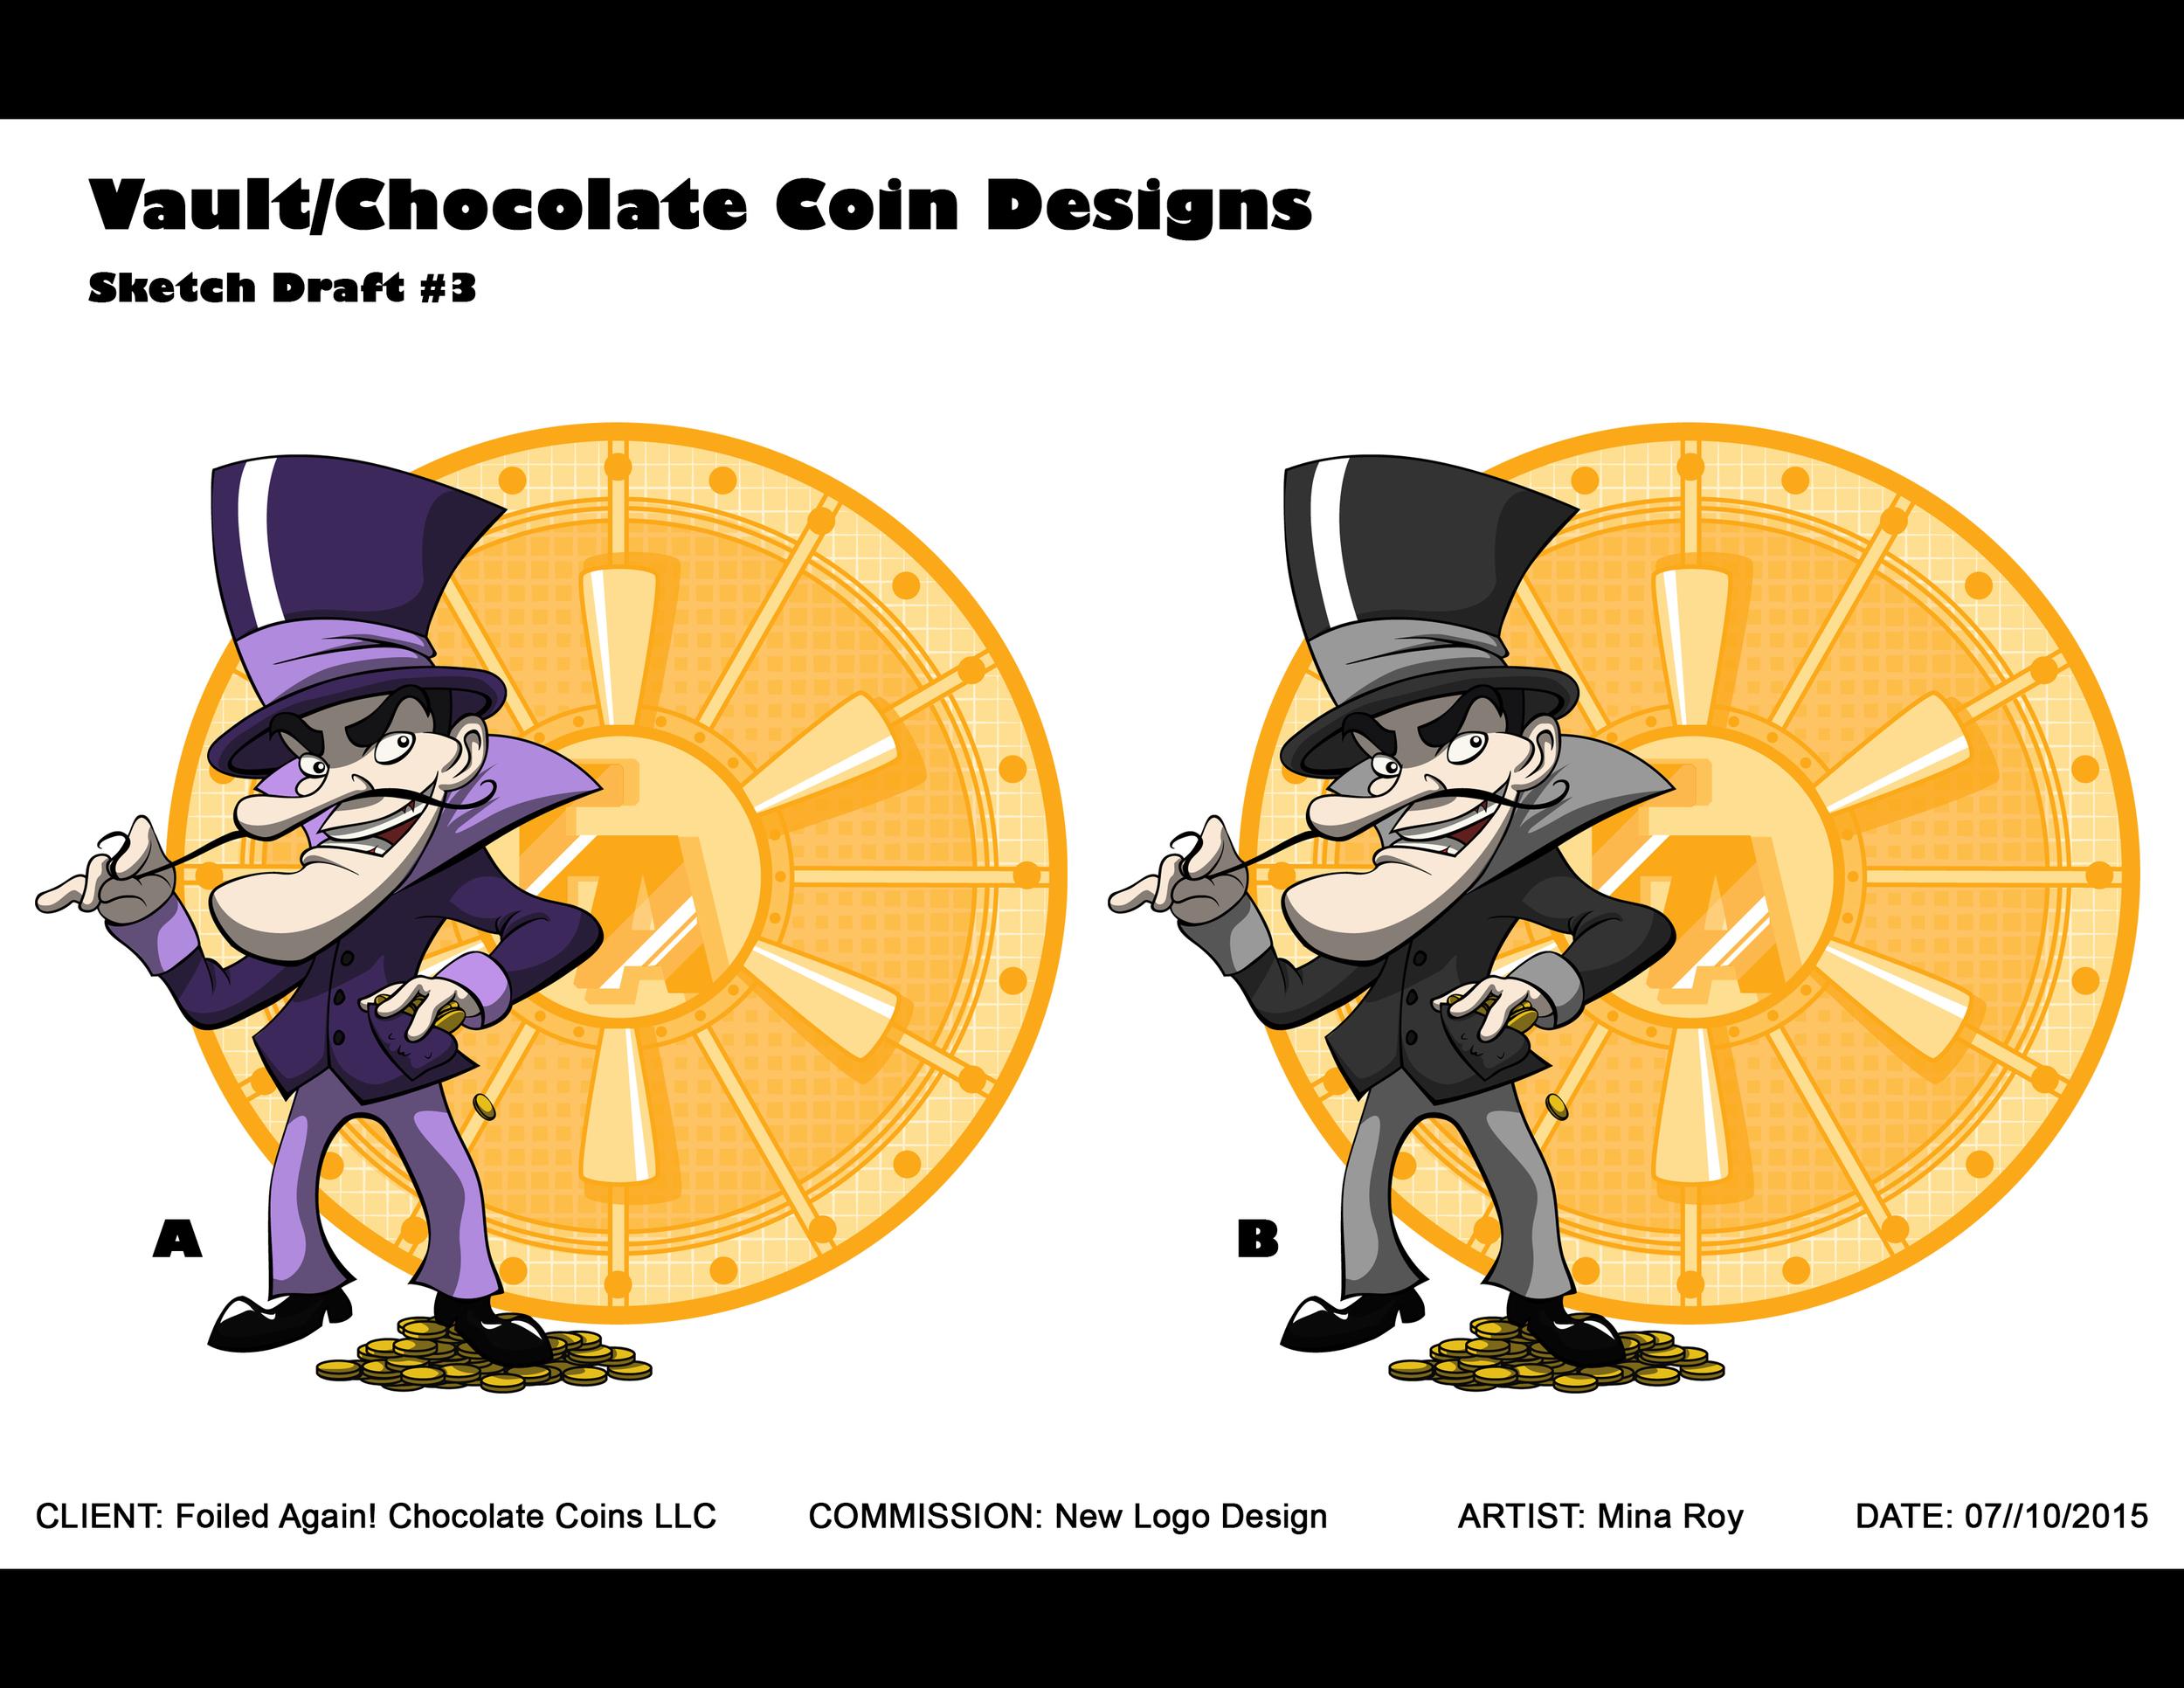 MinaRoy_FoiledAgainChocolate_Commission_S2_Vault_V7.jpg